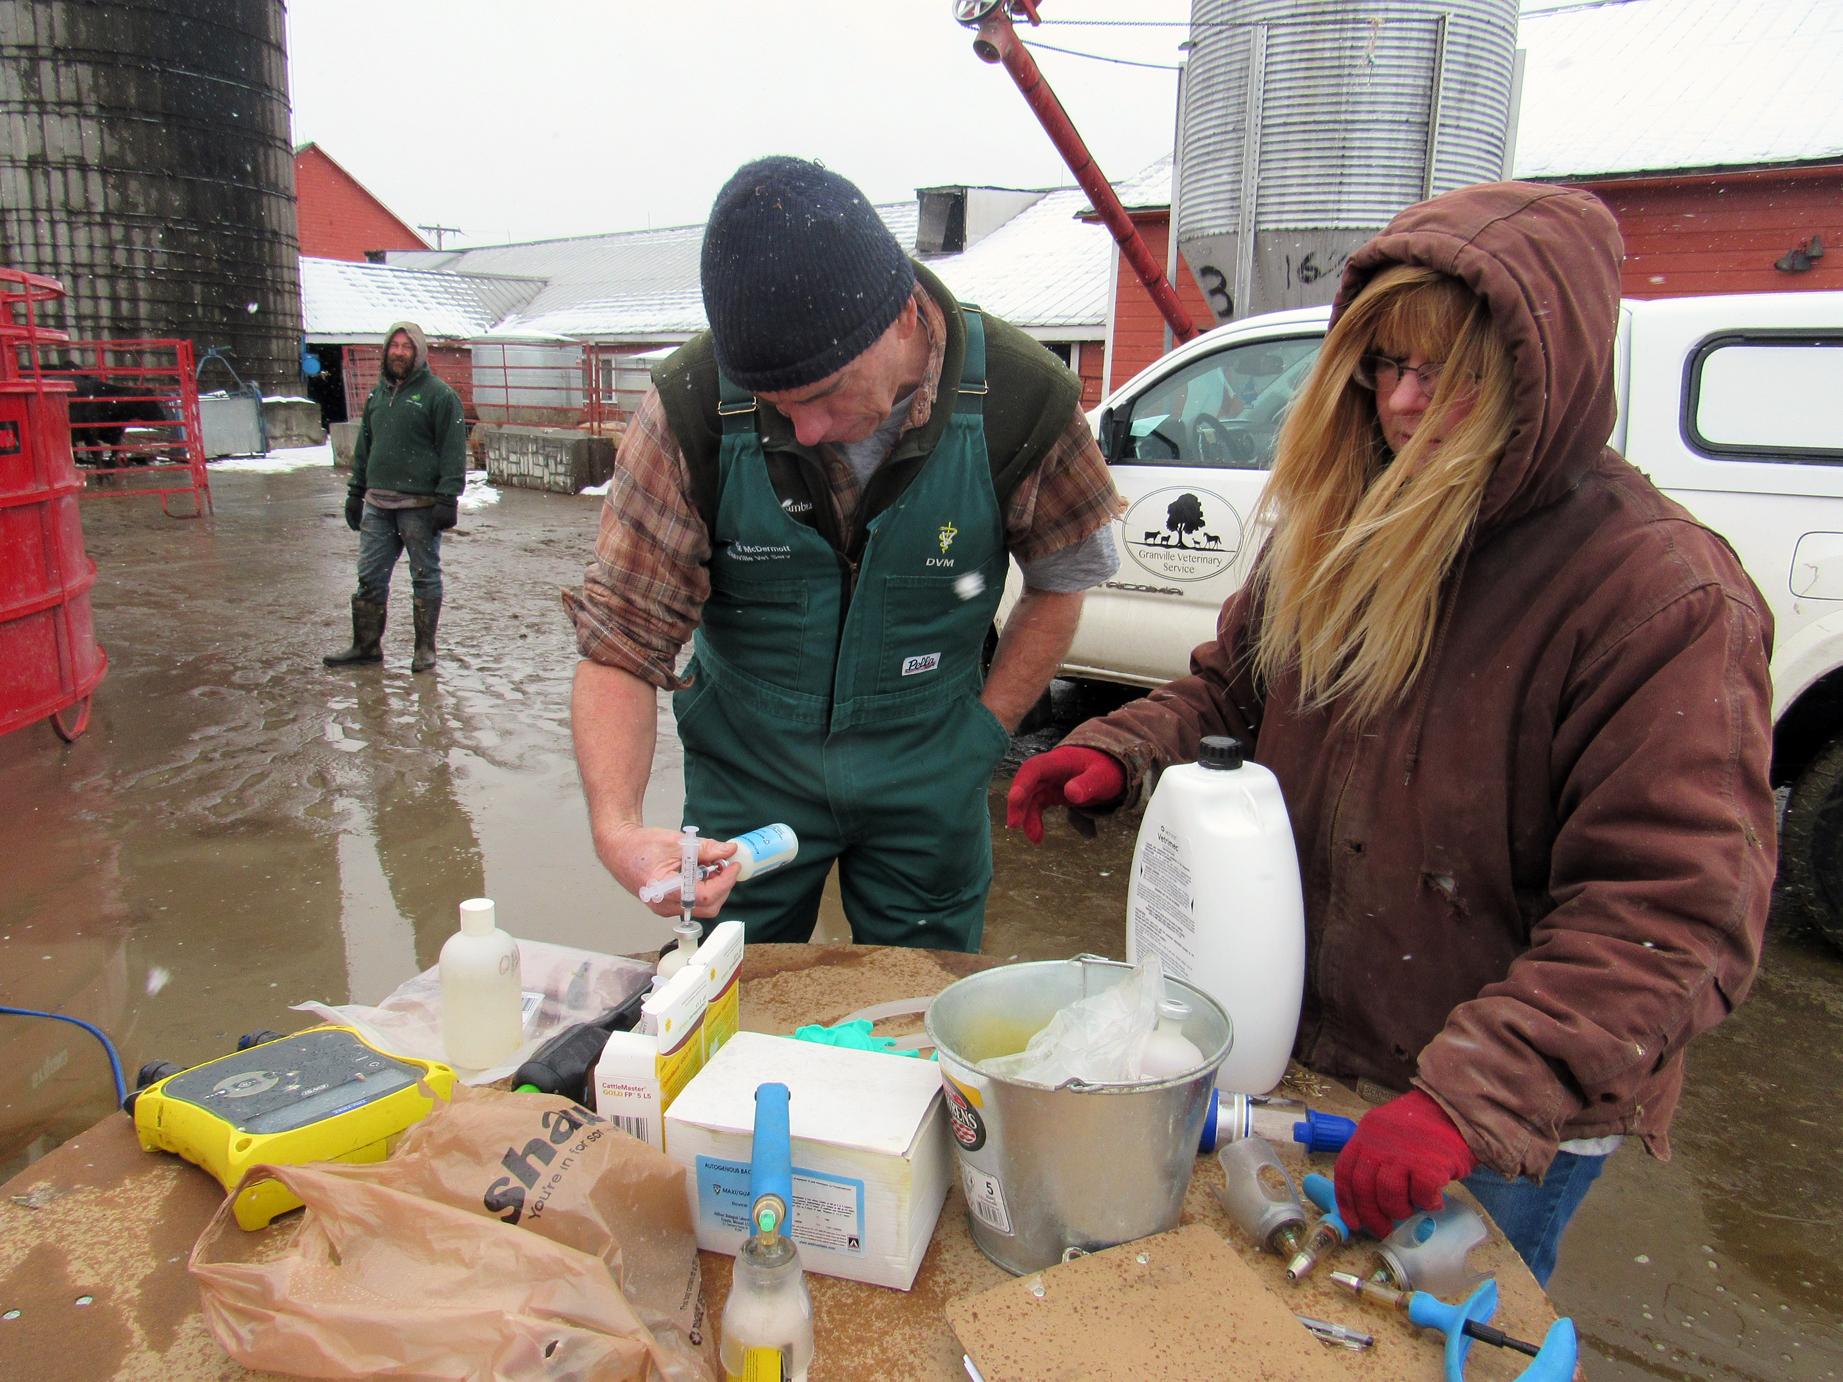 Dr. John McDermott and Karen Killmartin getting ready for herd health check